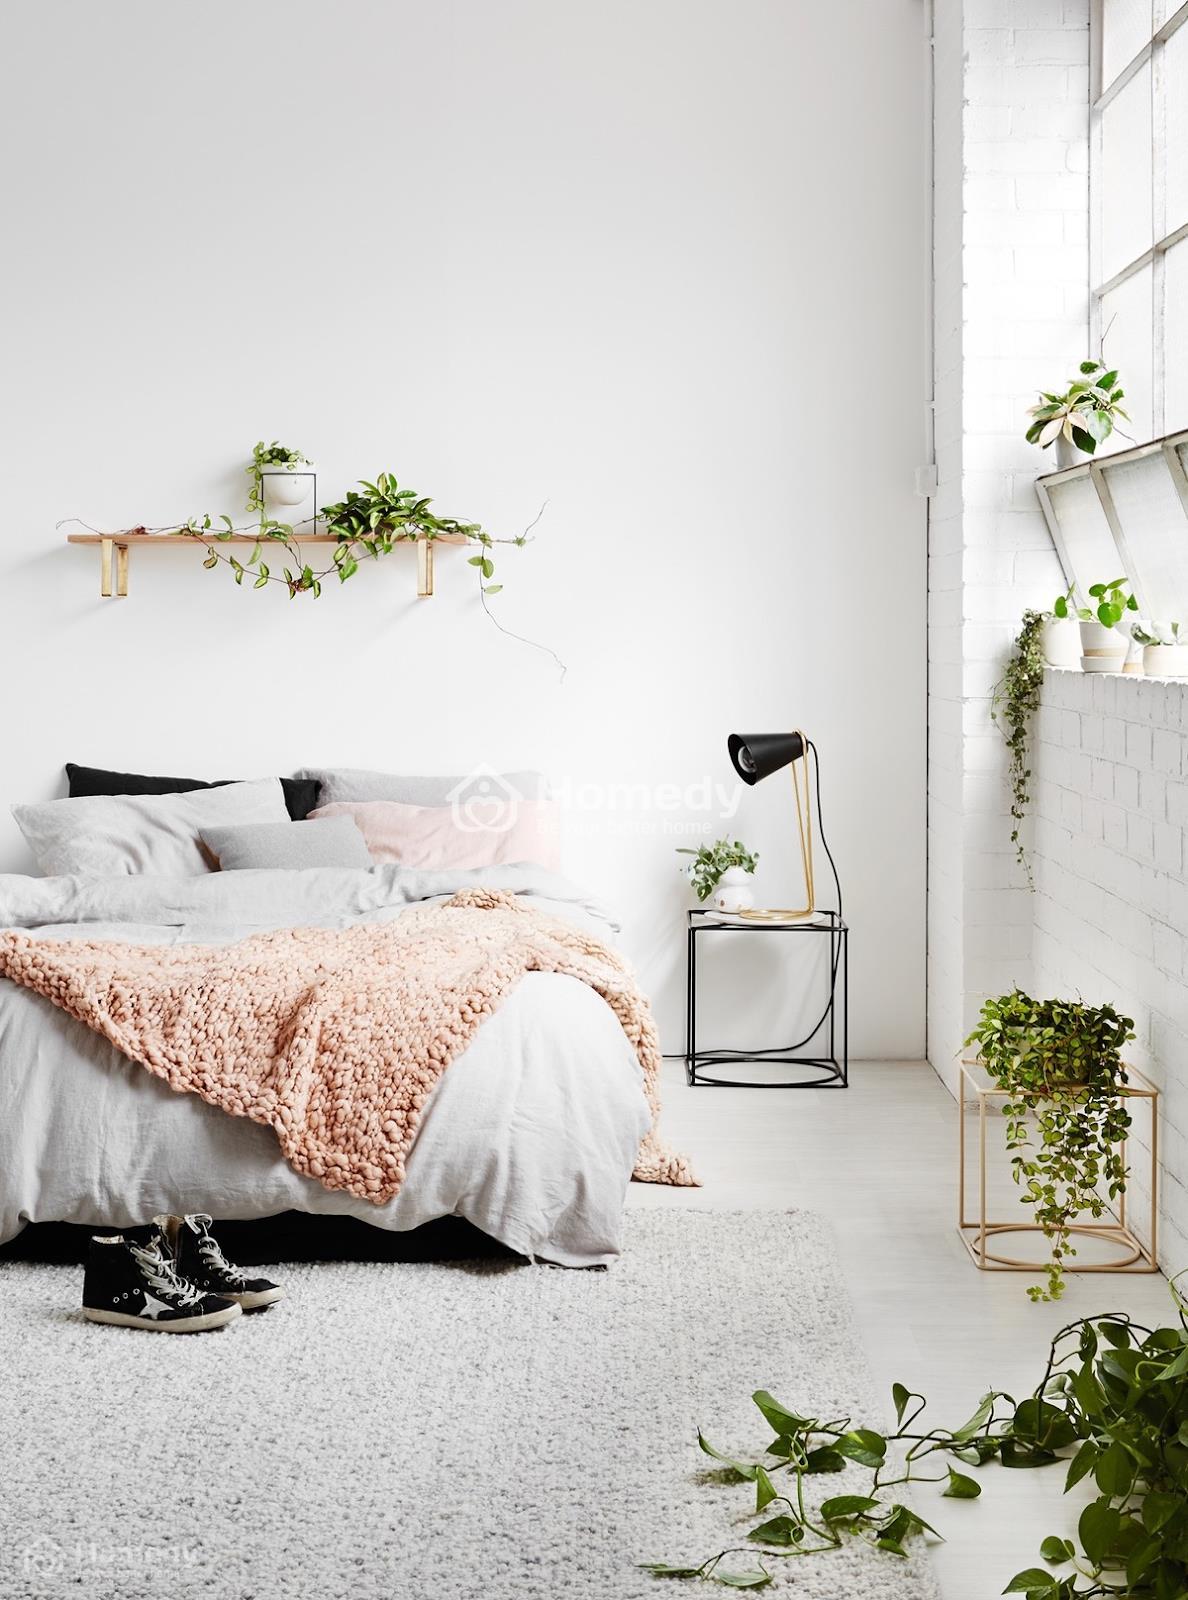 Trang trí phòng ngủ không có cửa sổ với gam màu trắng chủ đạo